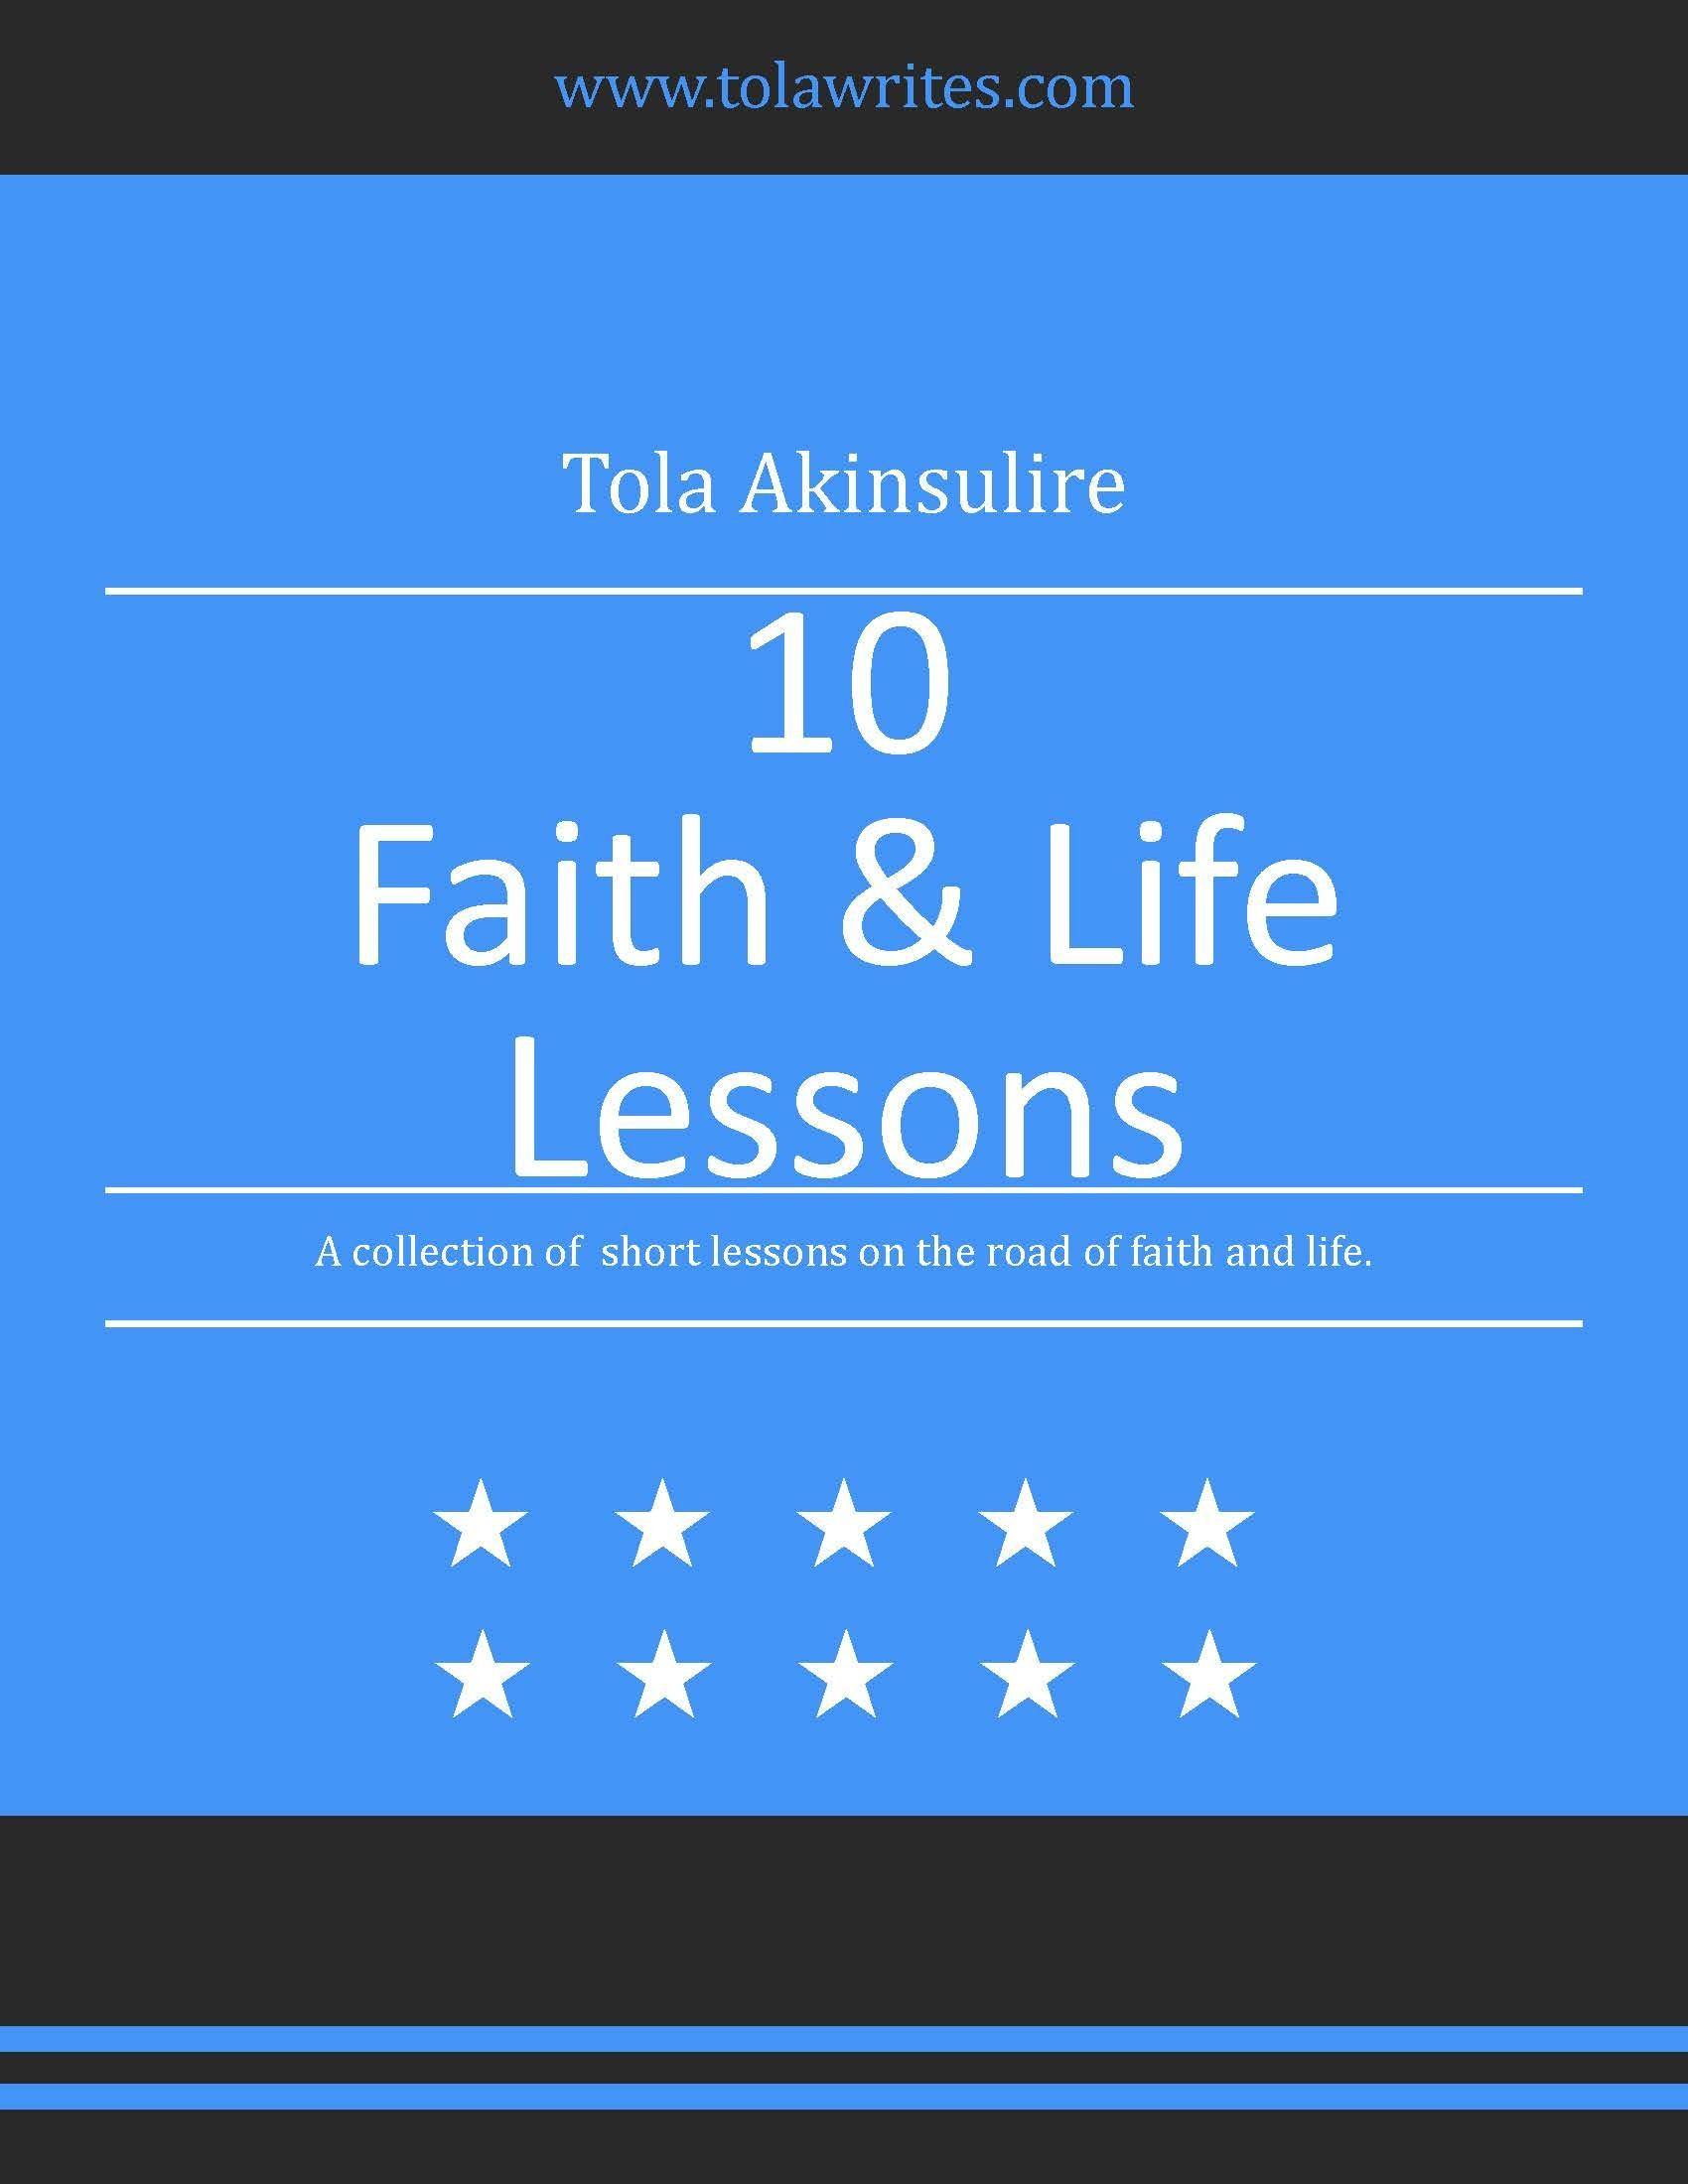 10 Faith & Life Lessons